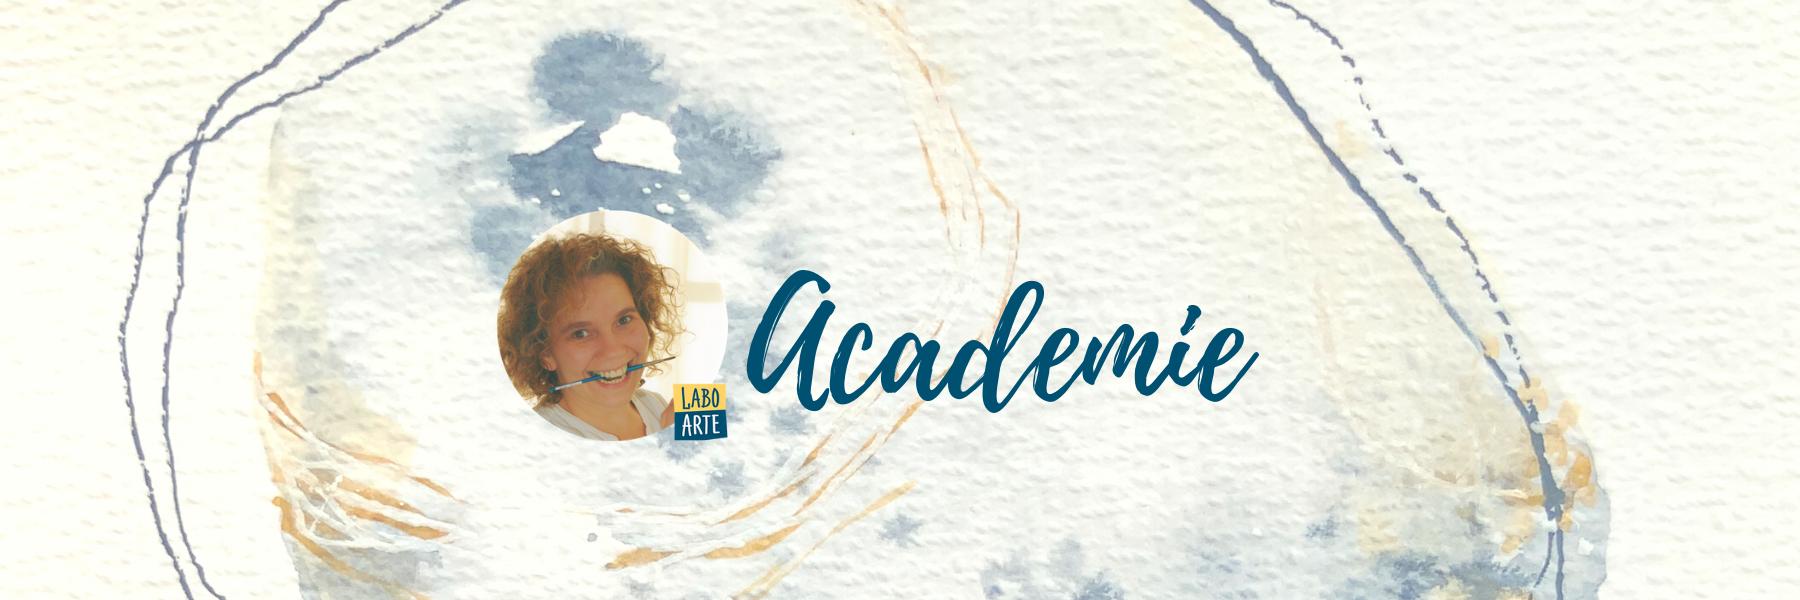 banner academie